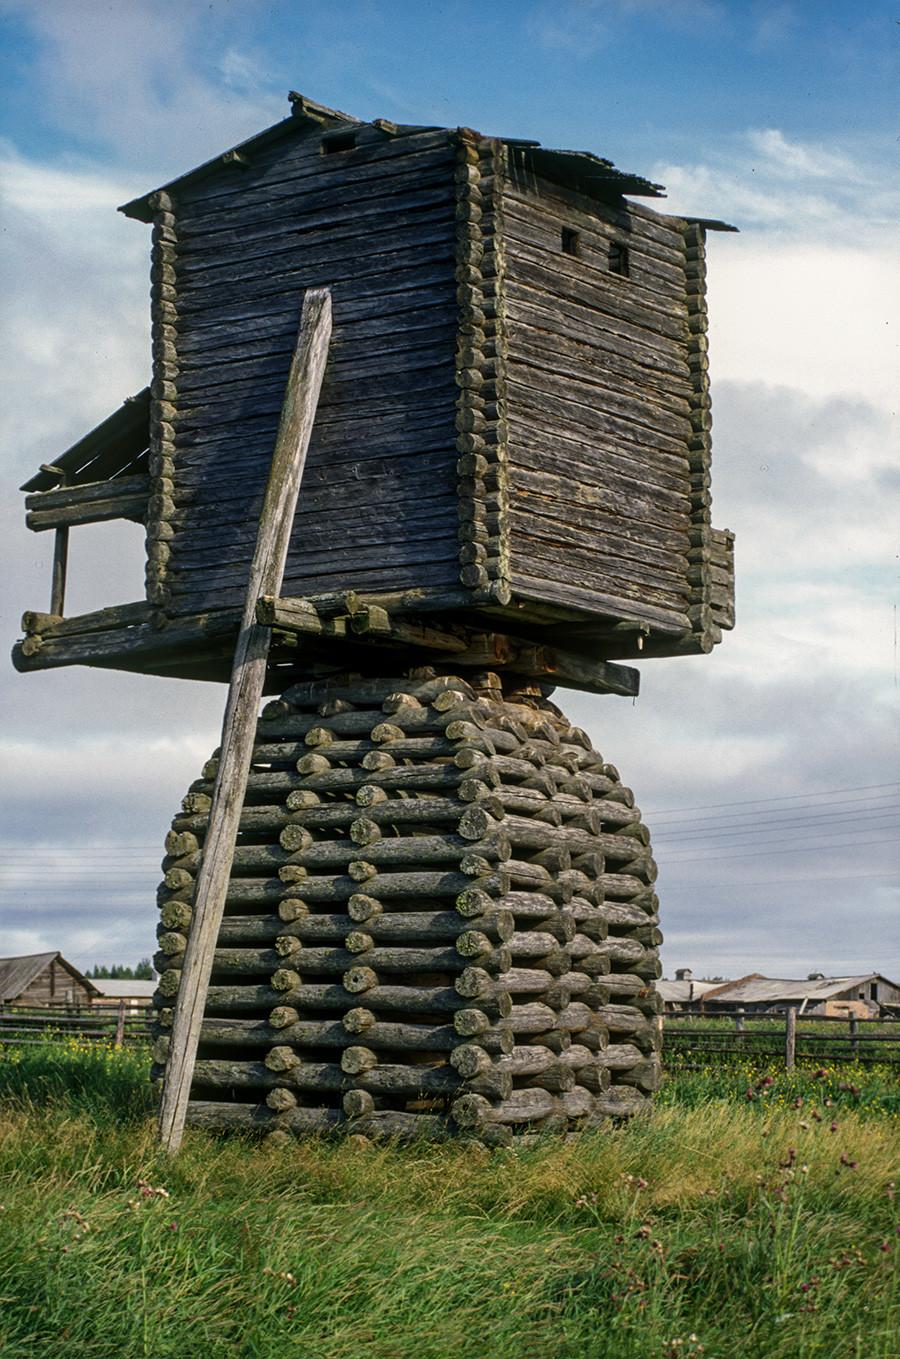 Kimzha. Post windmill. August 2, 2000